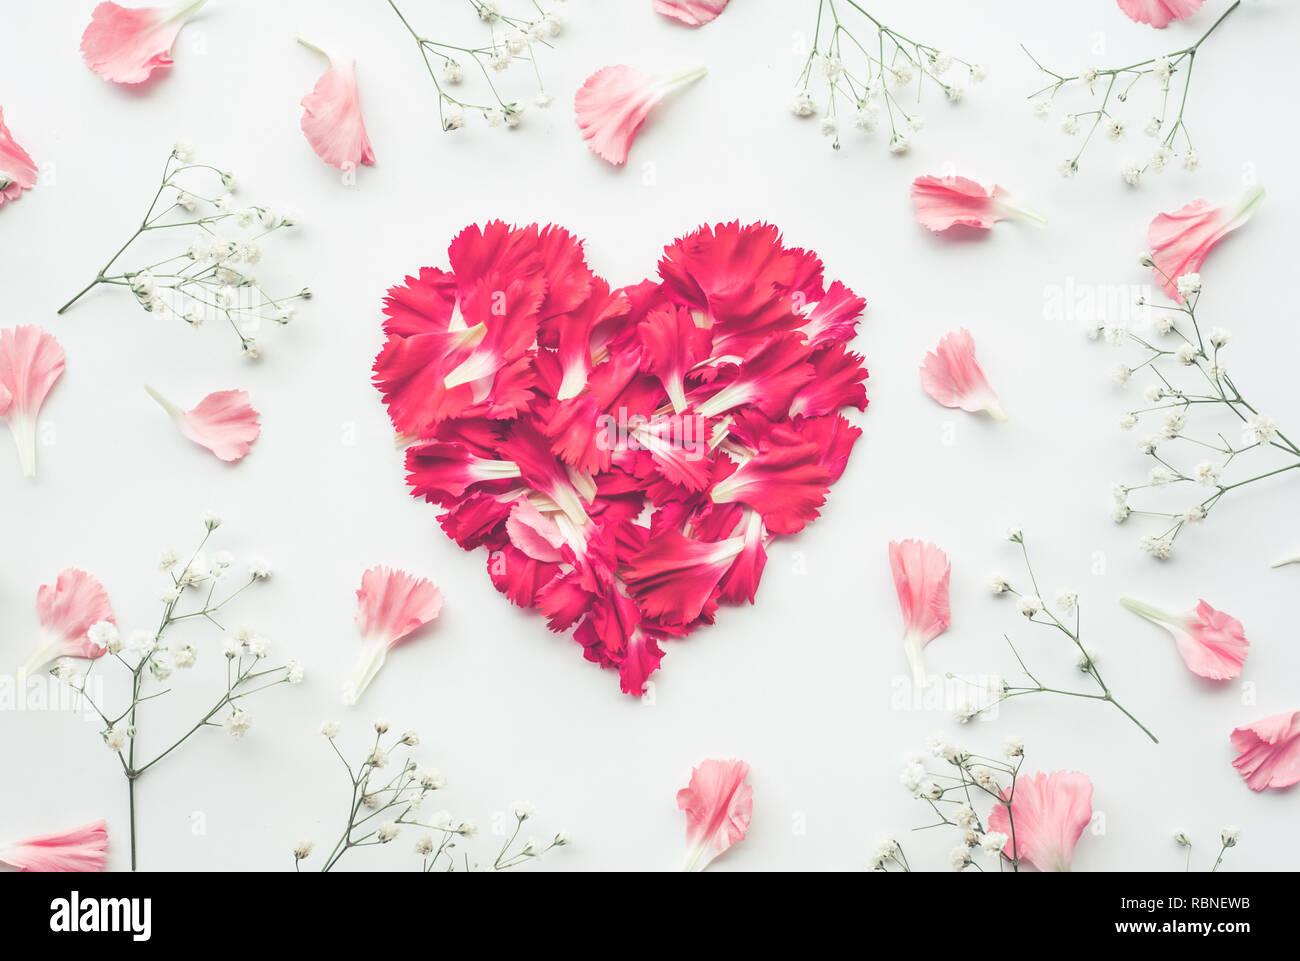 heart shape made of